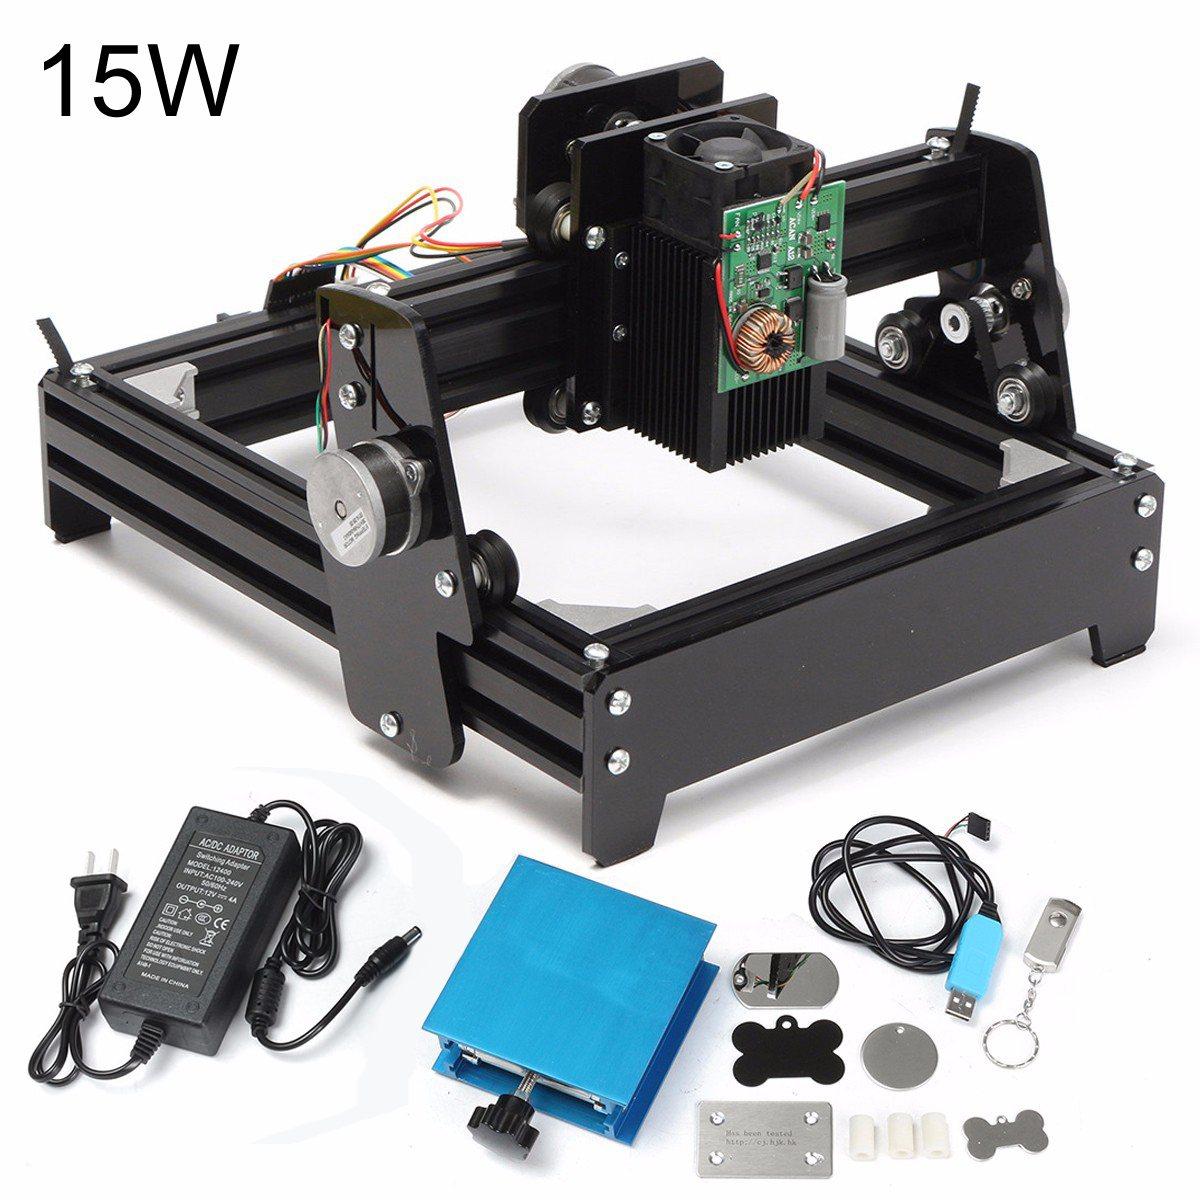 15 Вт лазерной как-5 USB Desktop 15000 МВт ЧПУ лазерный гравер DIY маркировка машина для металл, камень, дерево гравировка области 14x20 см